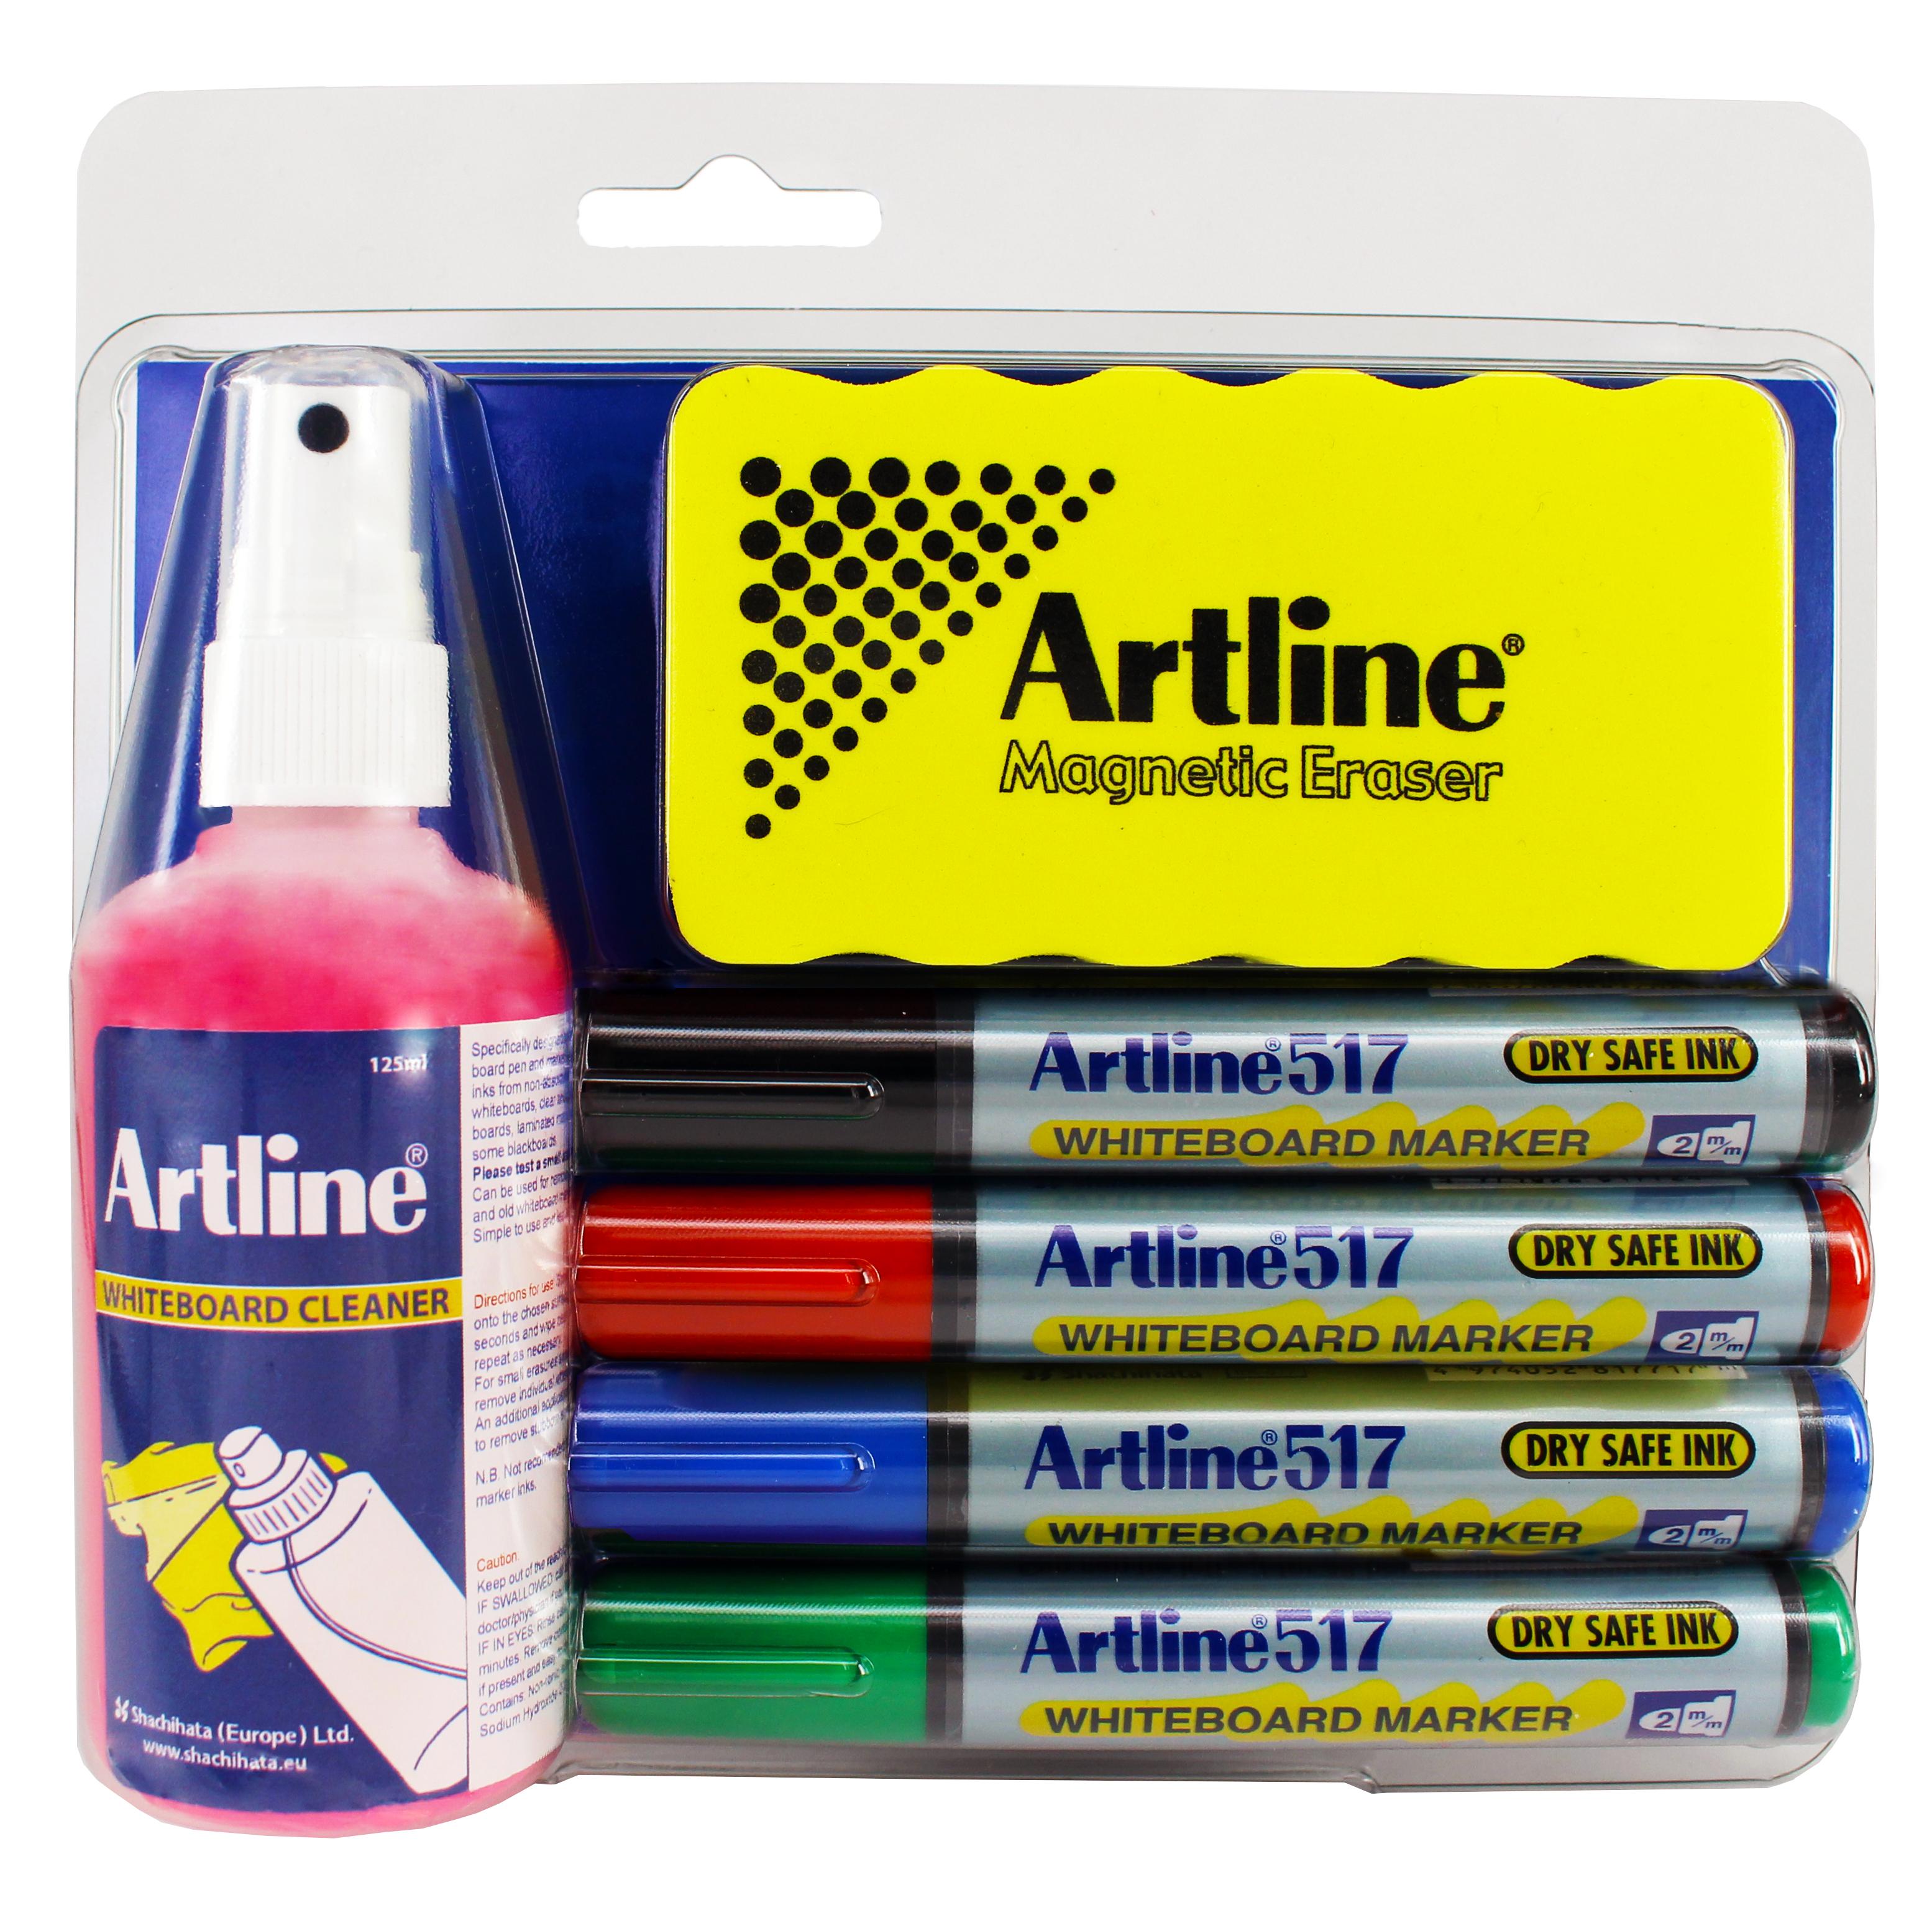 Artline Whiteboard Cleaner/Writing Kit